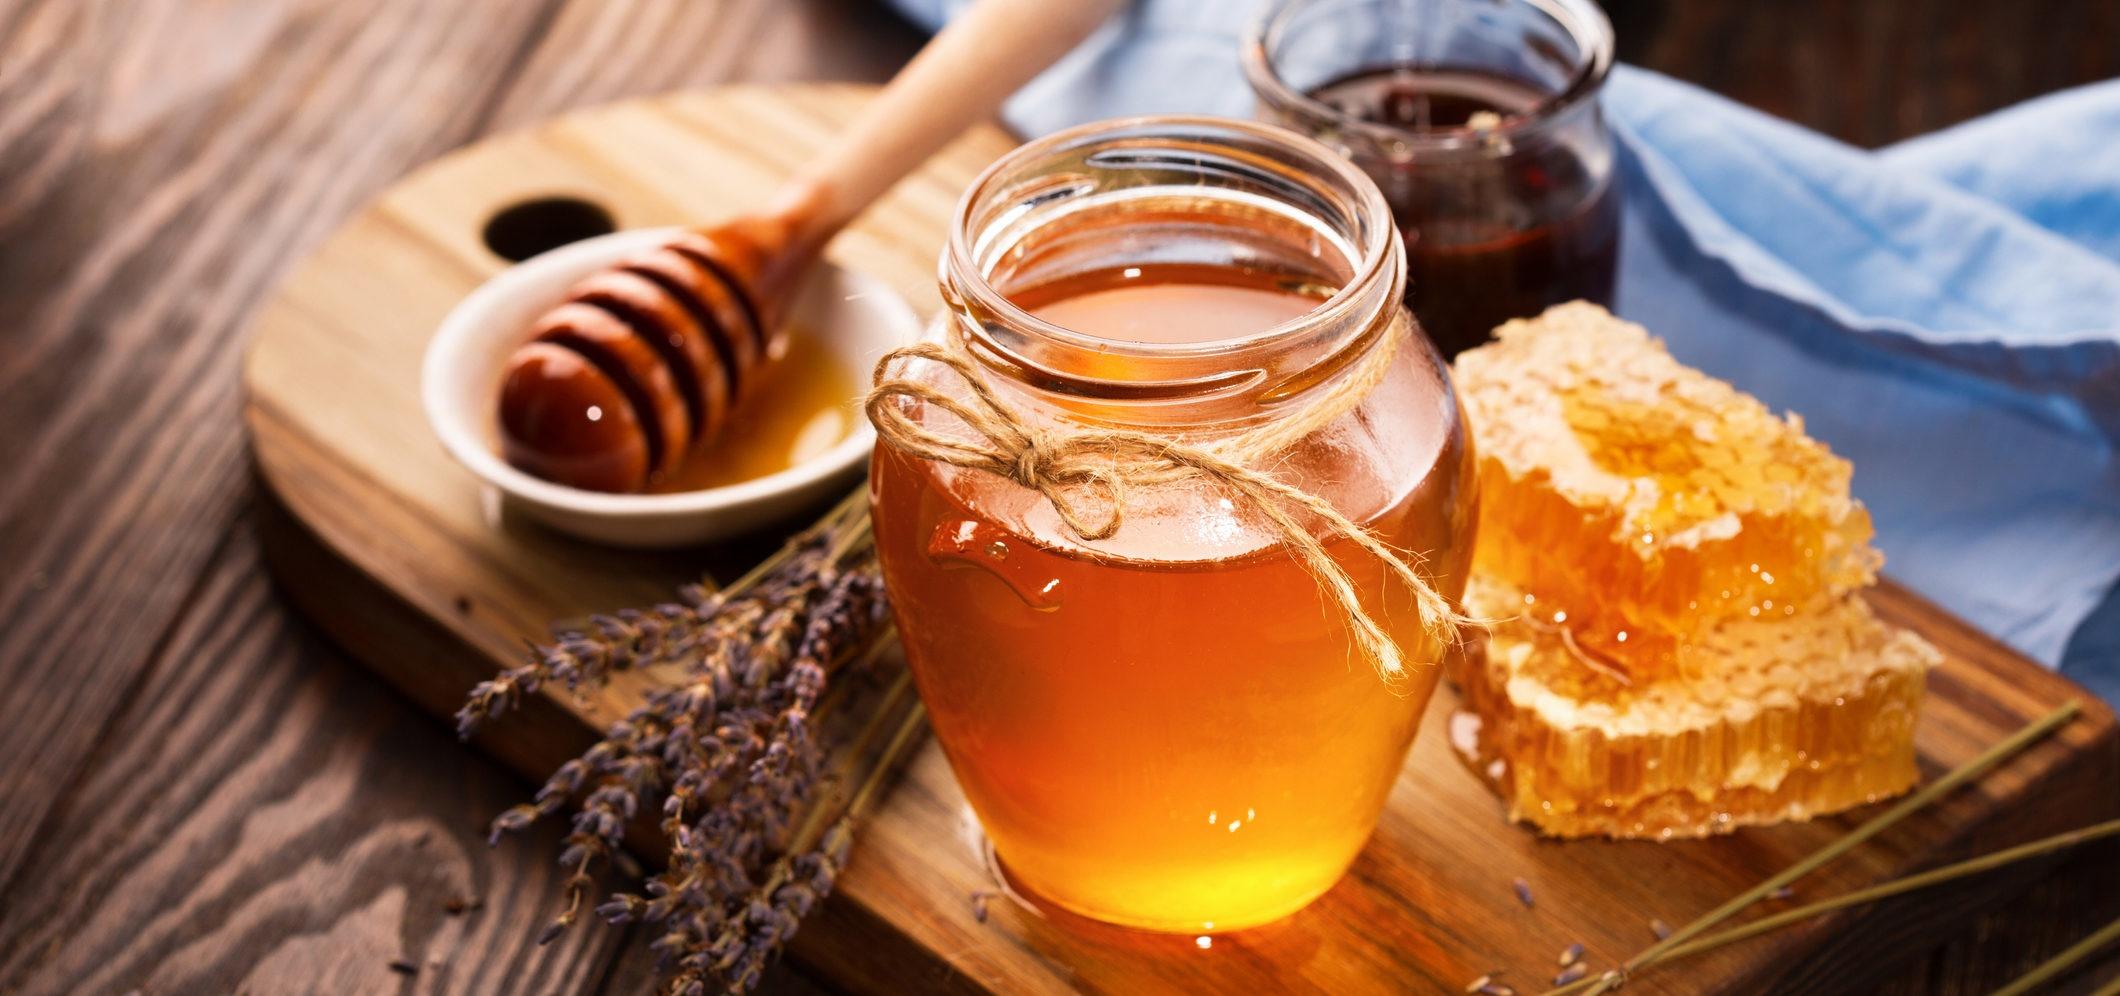 Agua Com Mel E Canela Beneficios 9 benefícios do mel que fazem dele um alimento poderoso